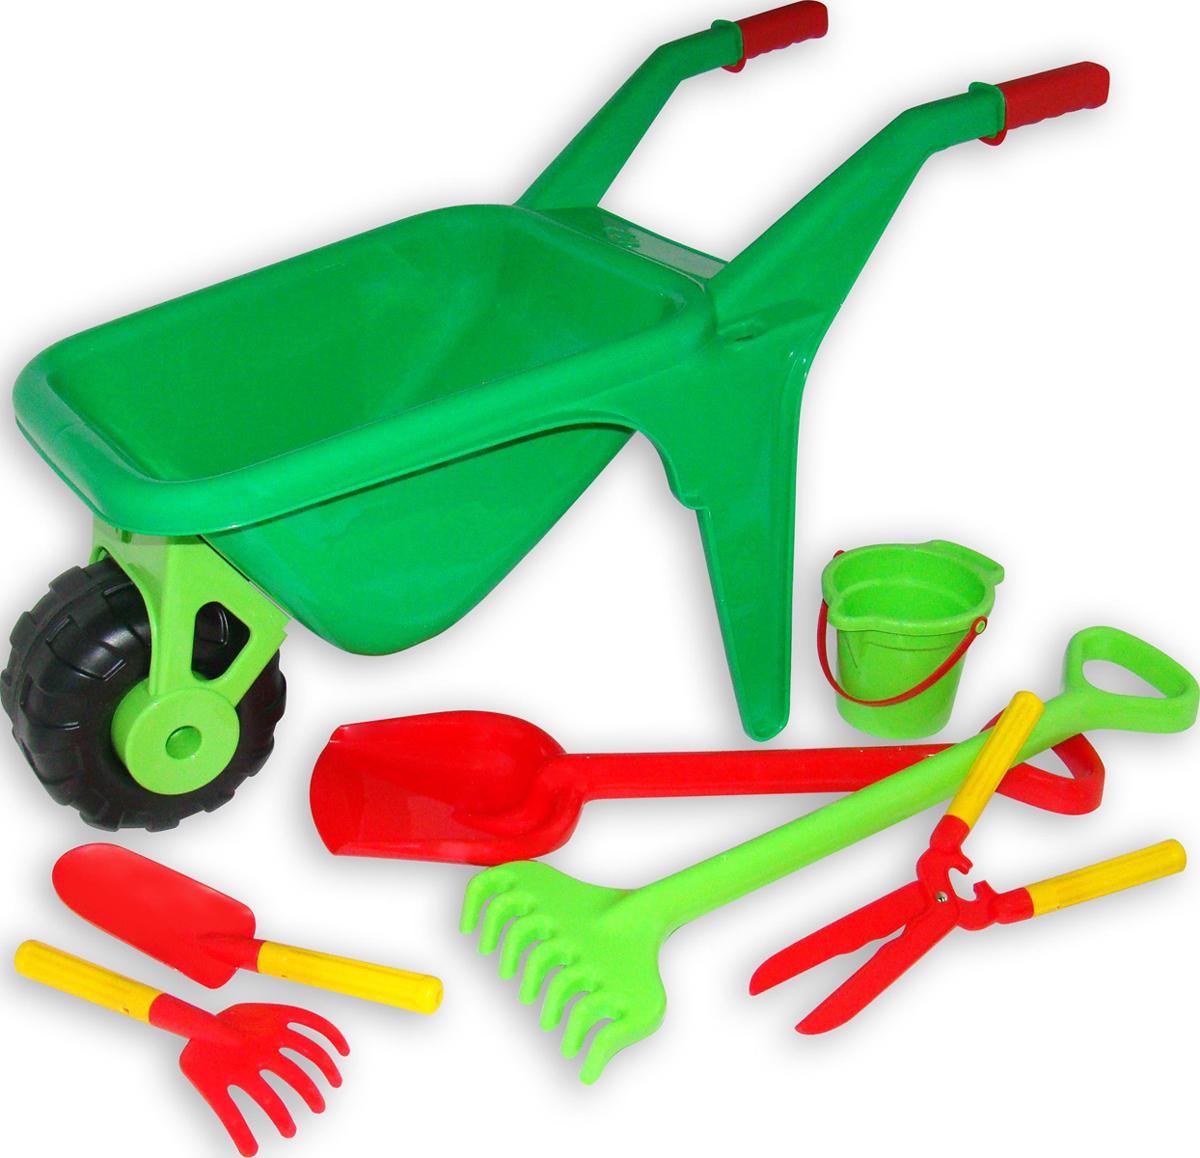 Полесье Набор игрушек для песочницы №454 - Игры на открытом воздухе